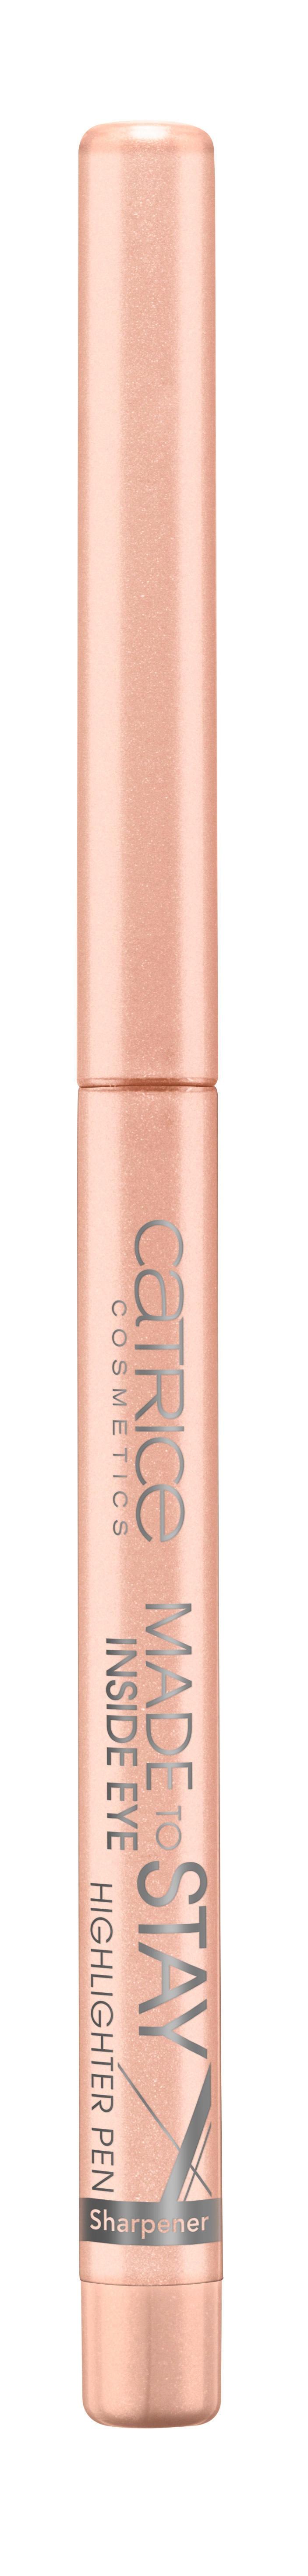 CATRICE Контур для глаз Made Stay Inside Eye Highlighter Pen 010 розово-бежевый, 0,3гр75351Идеальный карандаш для выполнения макияжа Smokey Eyes. Стойкий, хорошо тушуется, имеет восковую основу. Создает мягкий эффектный контур